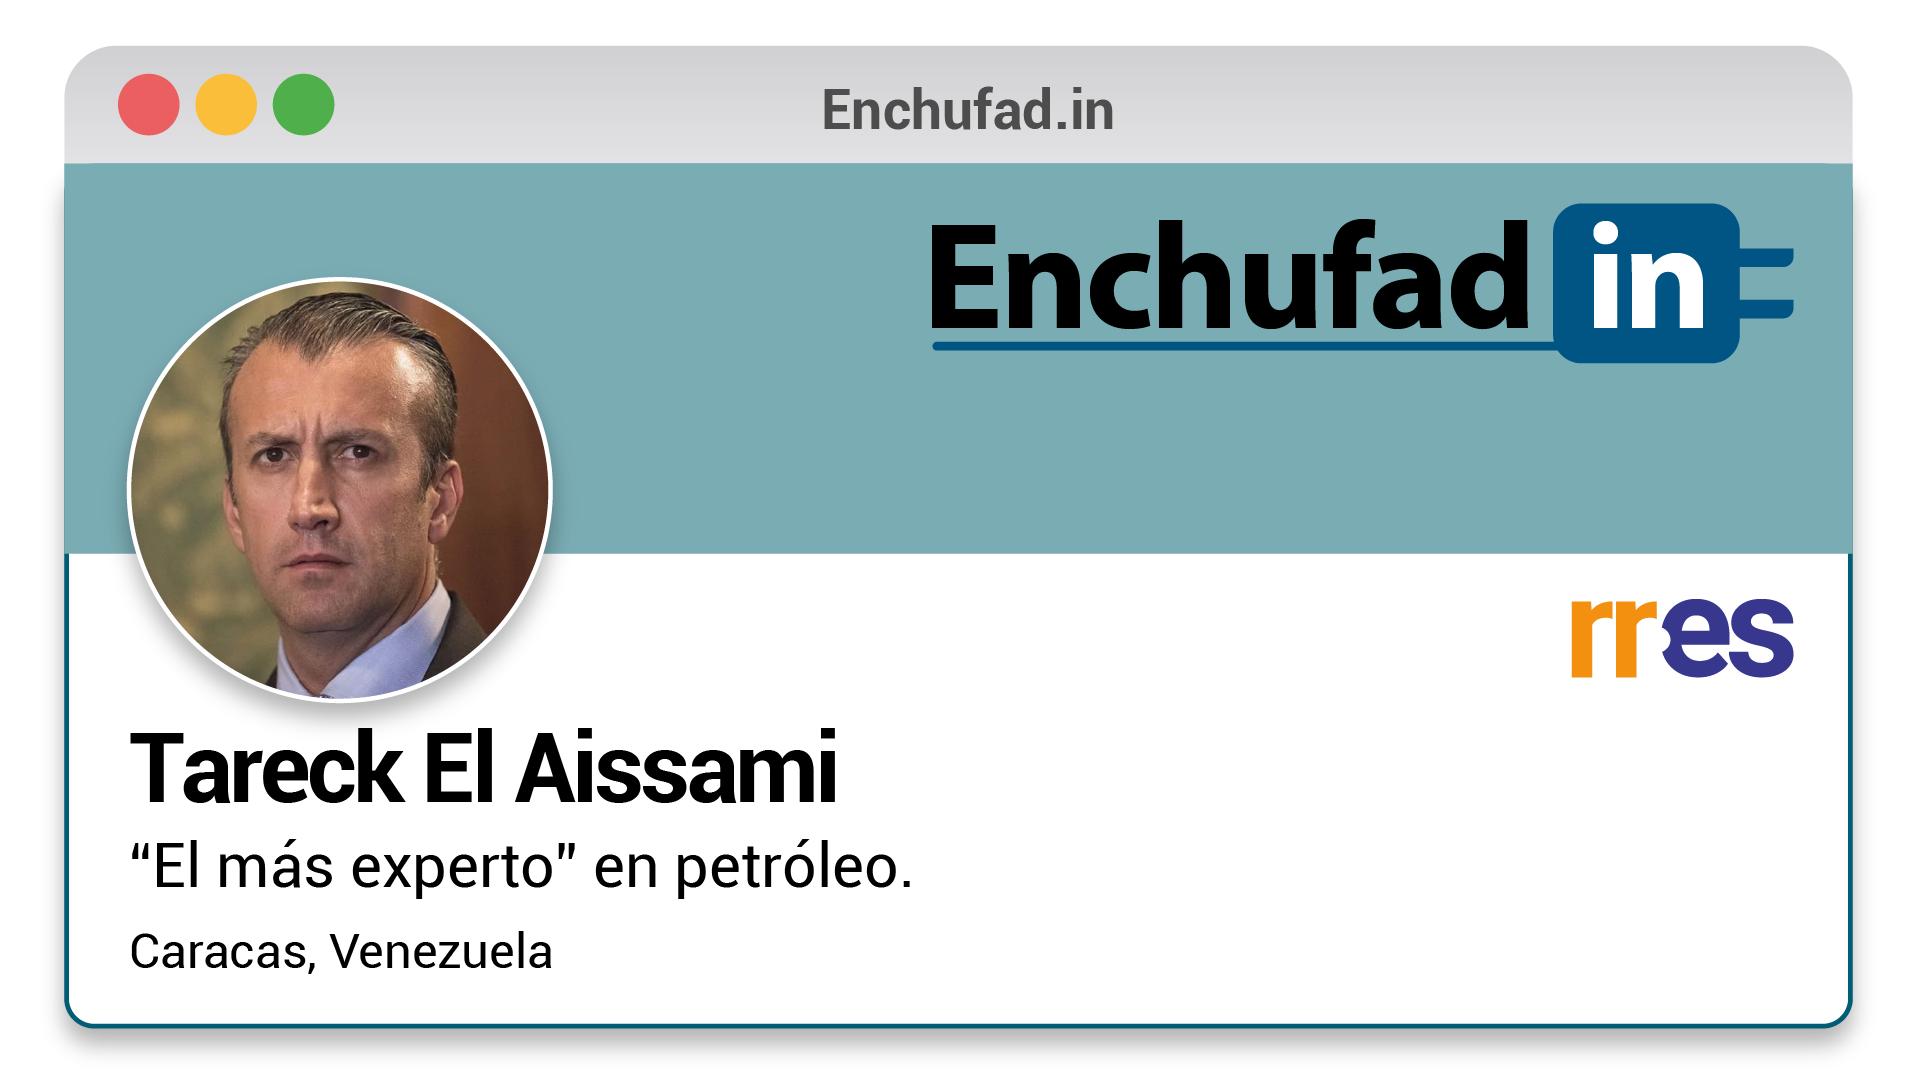 #EnchufaDÍN | Felicita a Tareck El Aissami por su nuevo cargo